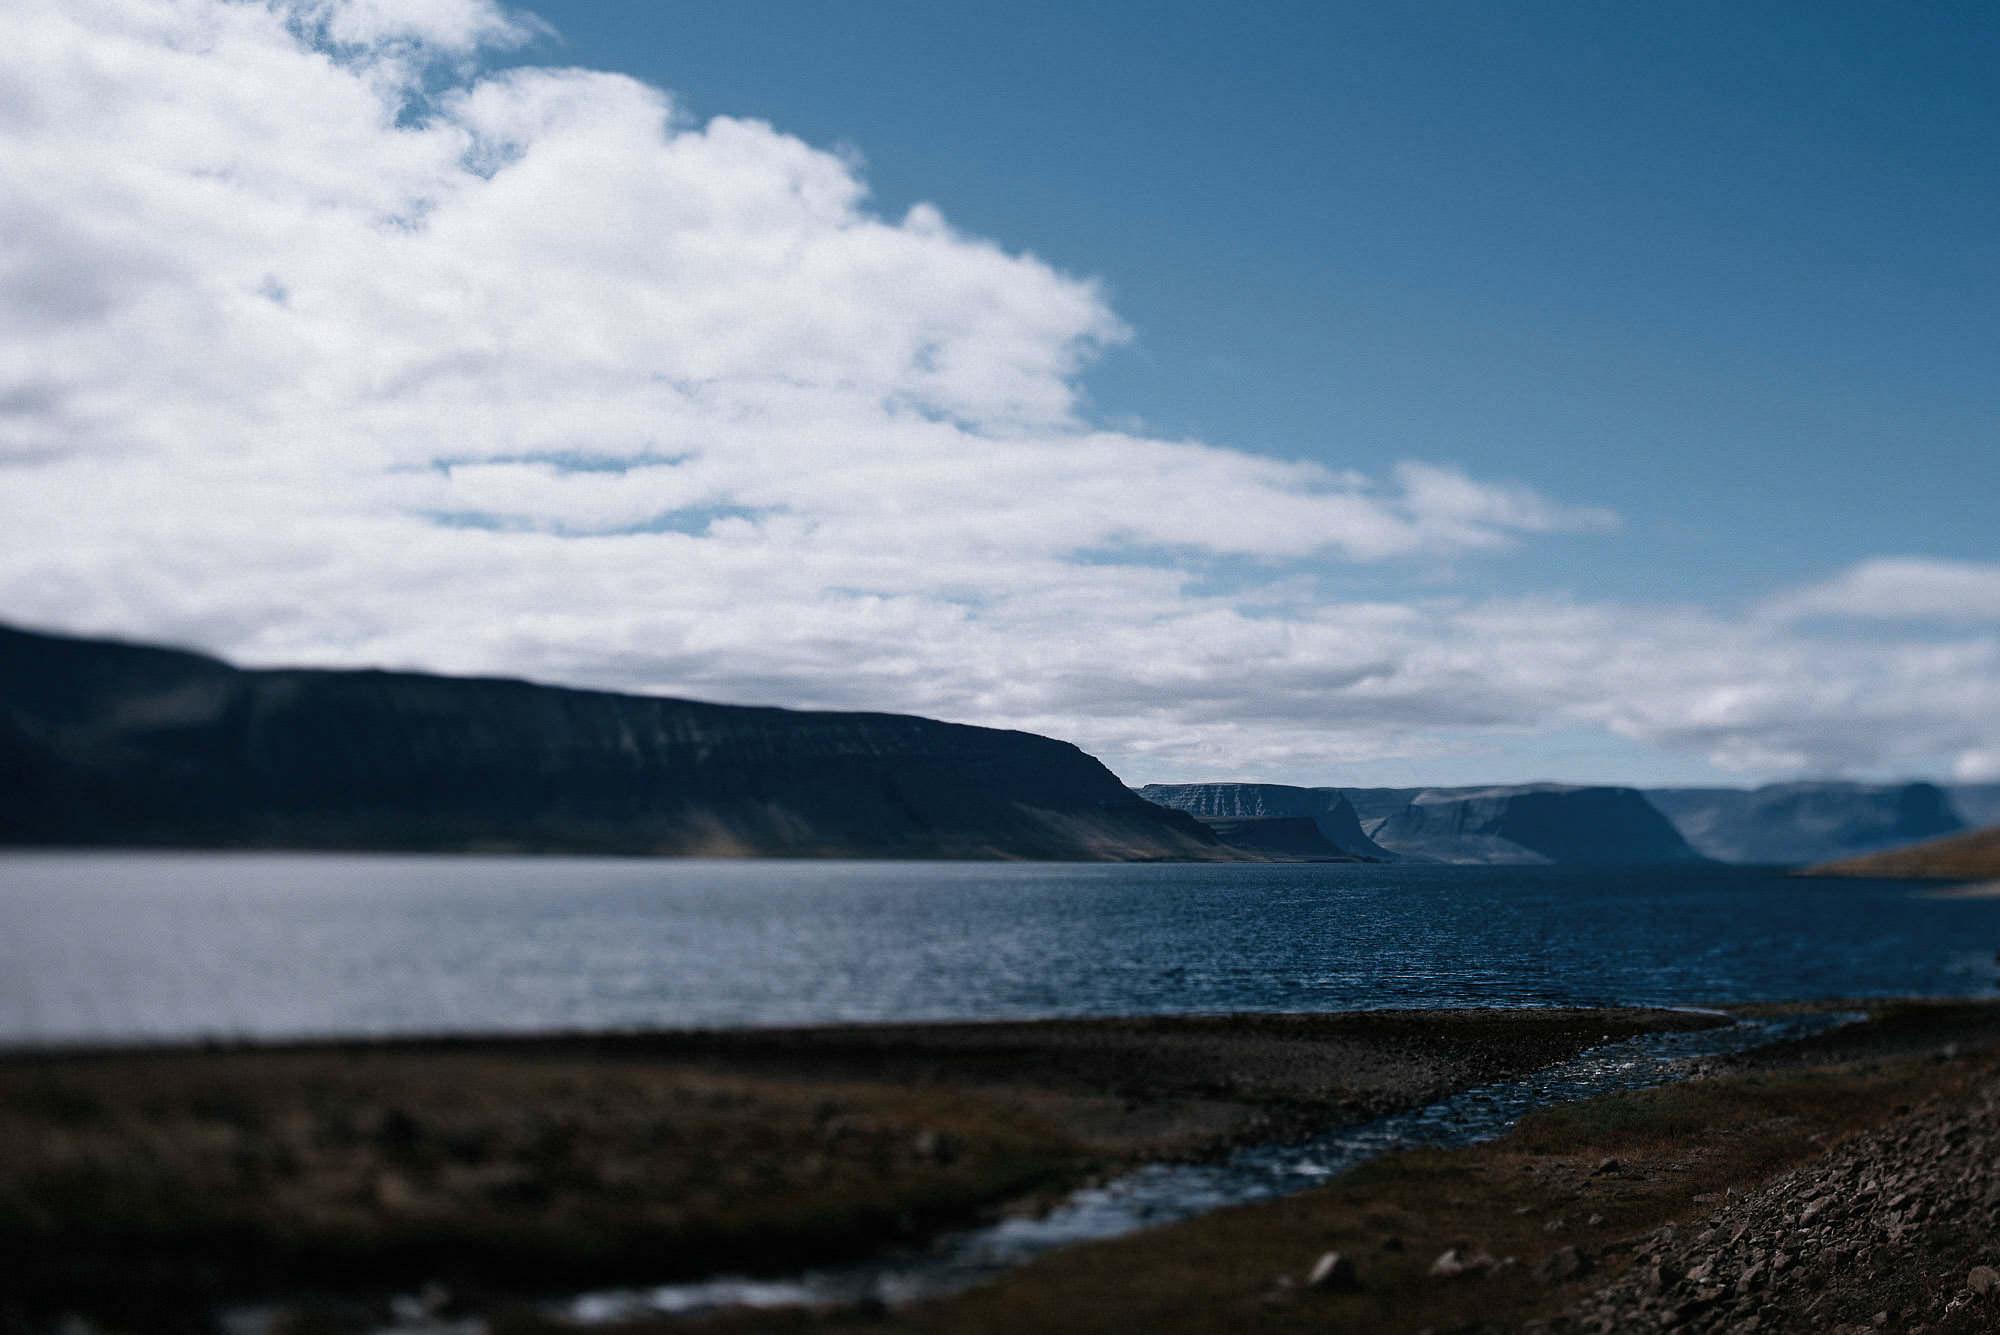 iceland-wedding-photographer_jere-satamo_photography-reykjavik-038.jpg